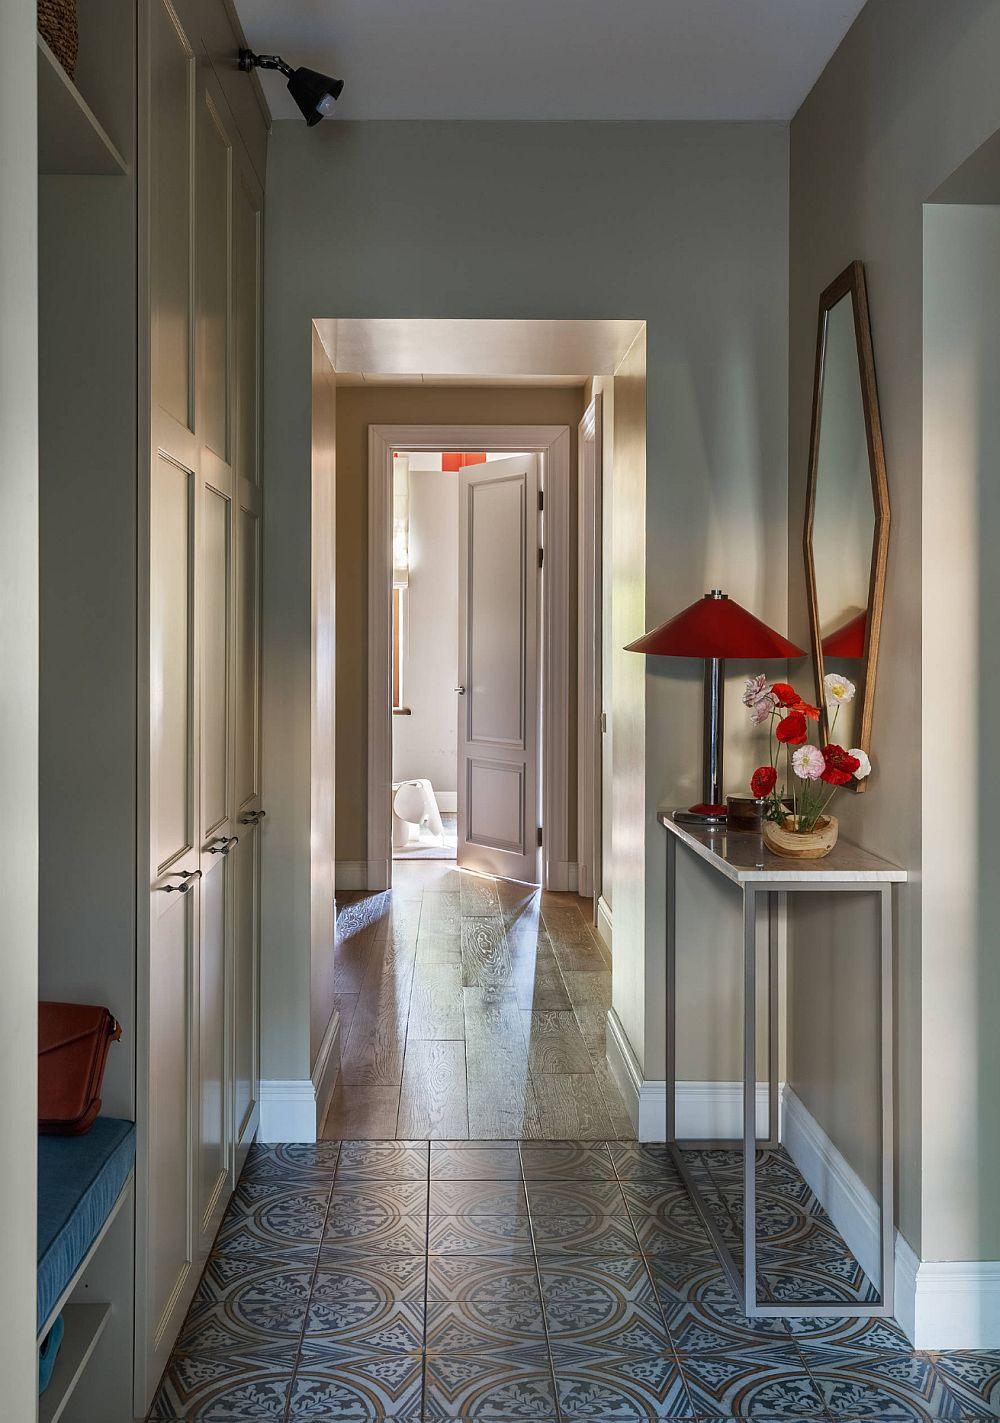 Holul de acces în casă este prevăzut cu mobilier pentru depozitare, dar și o masă consolă la îndemână pentru lăsat cheile și scrisoriile din cutia poștală. În zona de hol pardoseala este din plăci ceramice, mai departe continuându-se cu parchet.